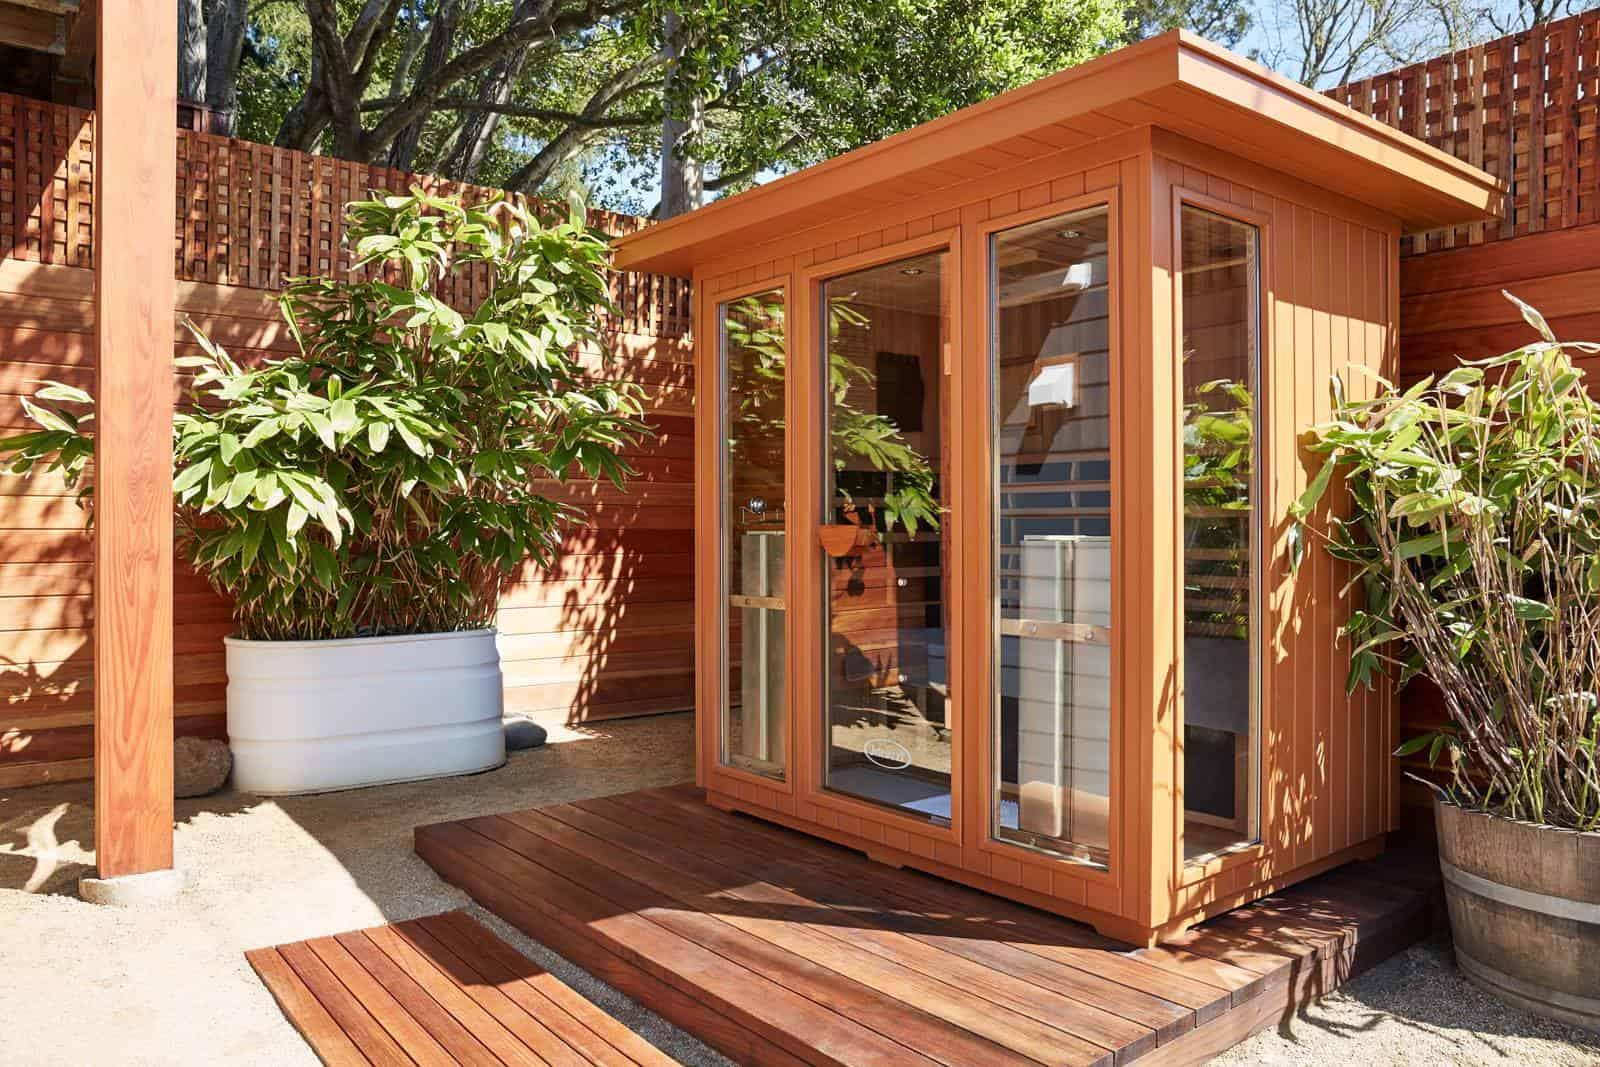 Jacuzzi-Infrared-Sauna-Outdoor-Installation3